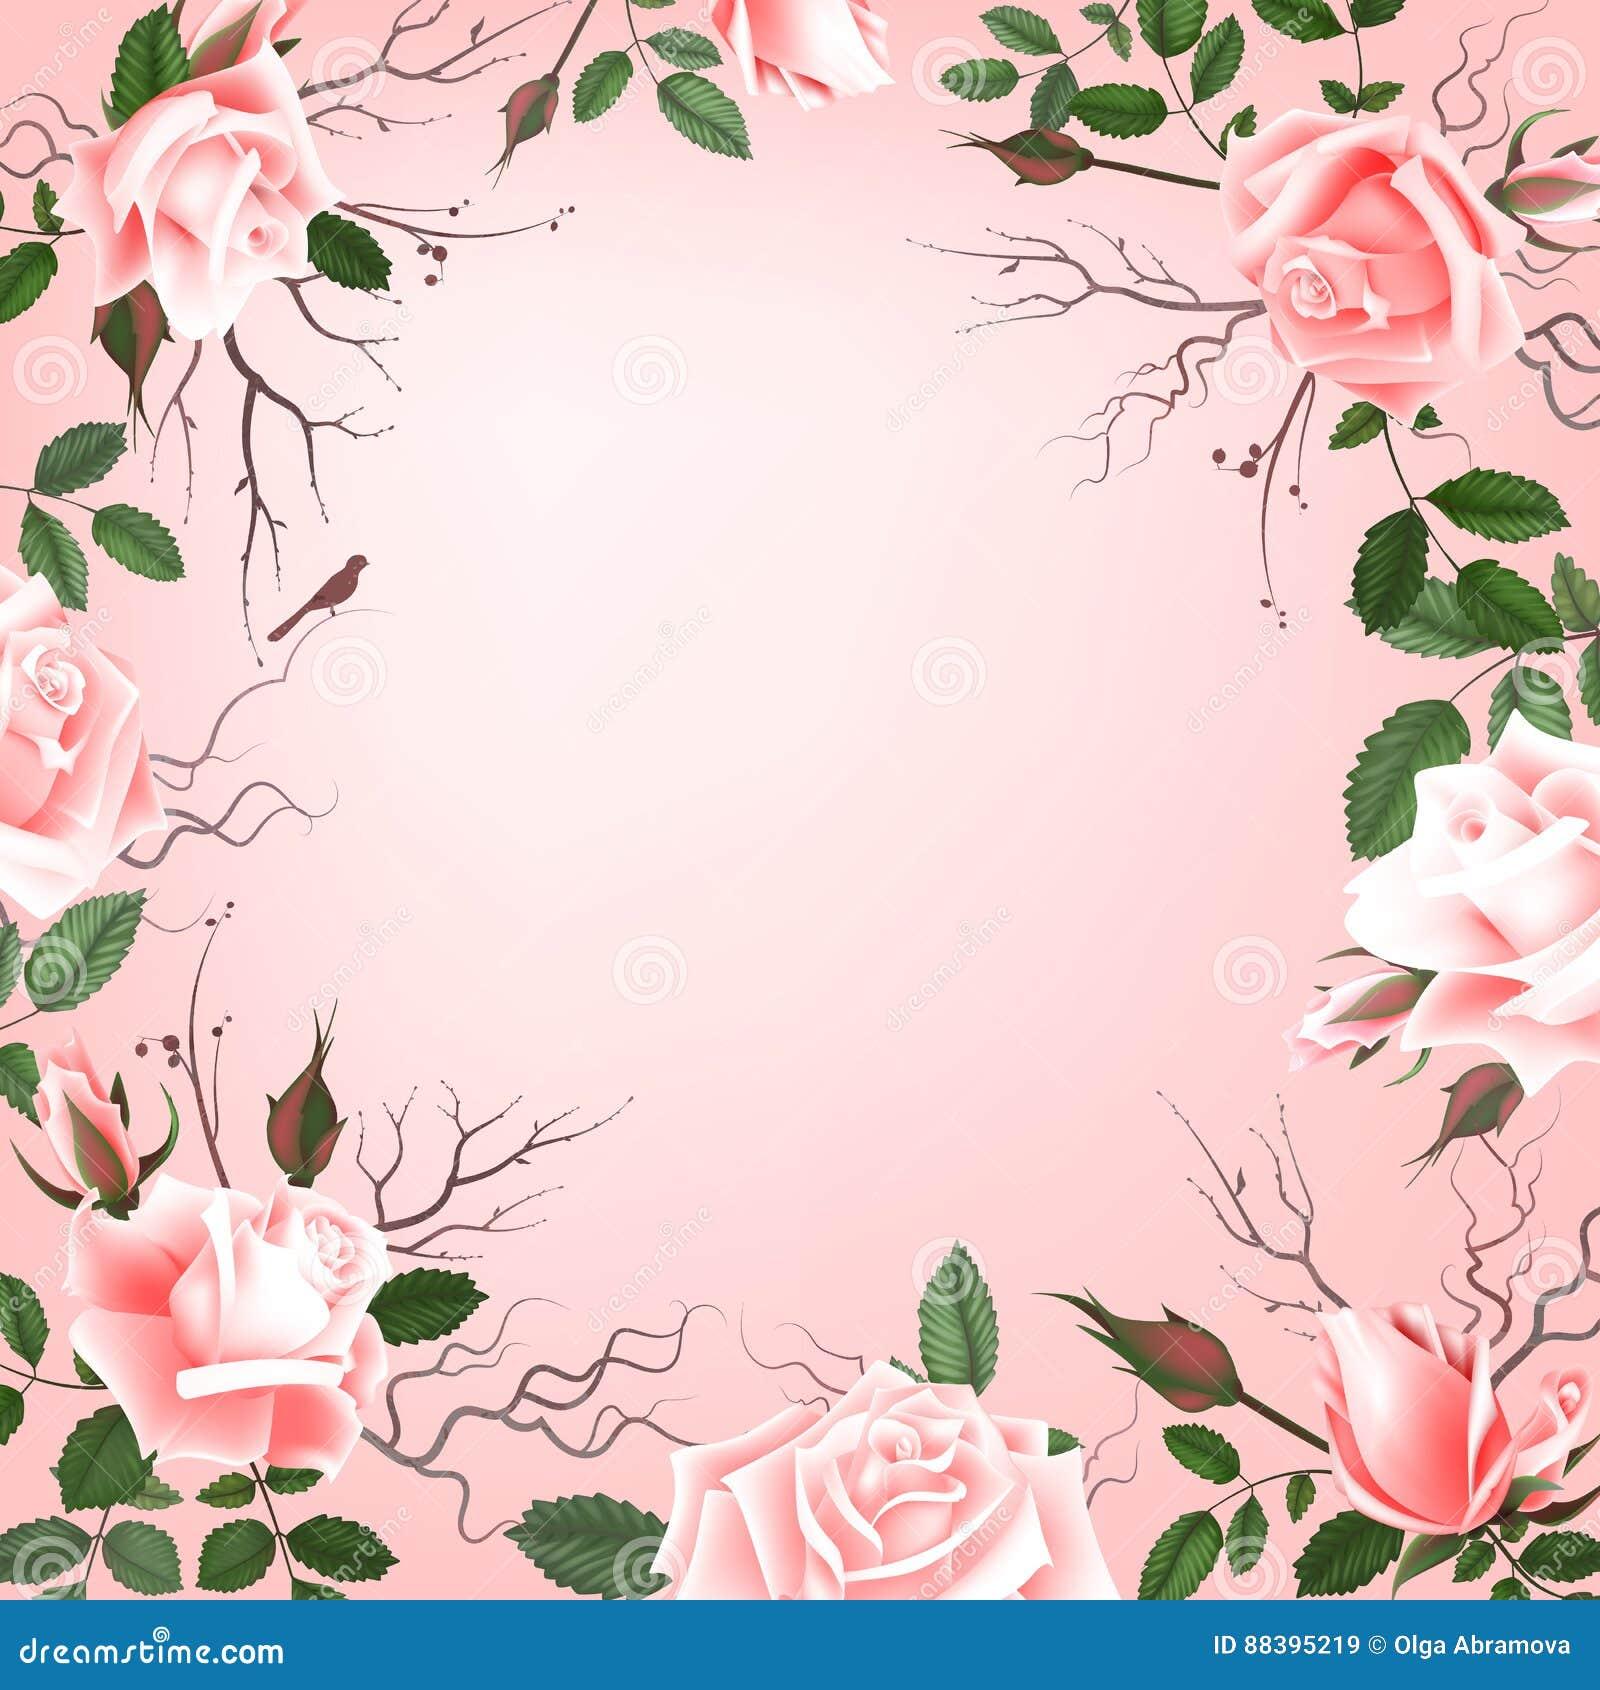 Grußkarte Mit Rosen, Aquarell, Kann Als Einladungskarte Für Die Heirat,  Geburtstag Und Anderer Feiertag Und Sommer Benutzt Werden